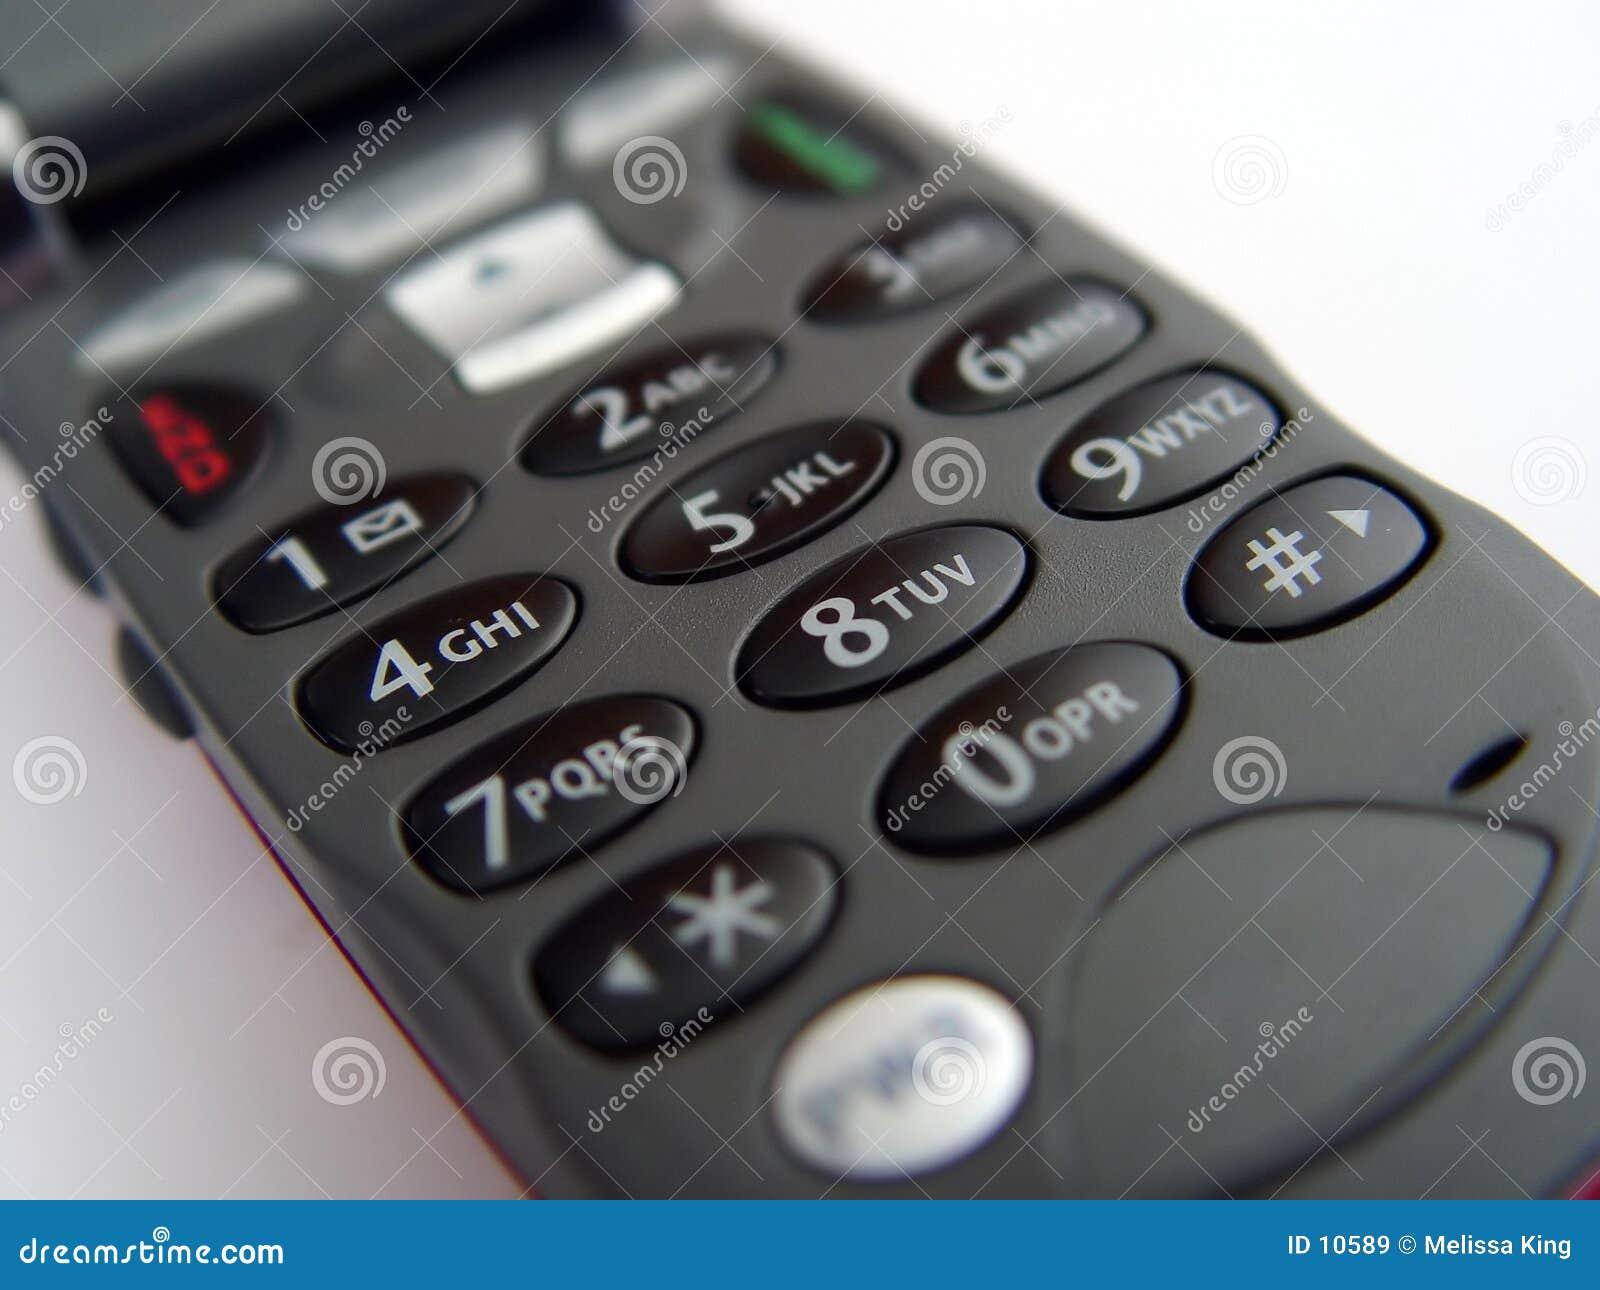 Mobiltelefon-Tastaturblock